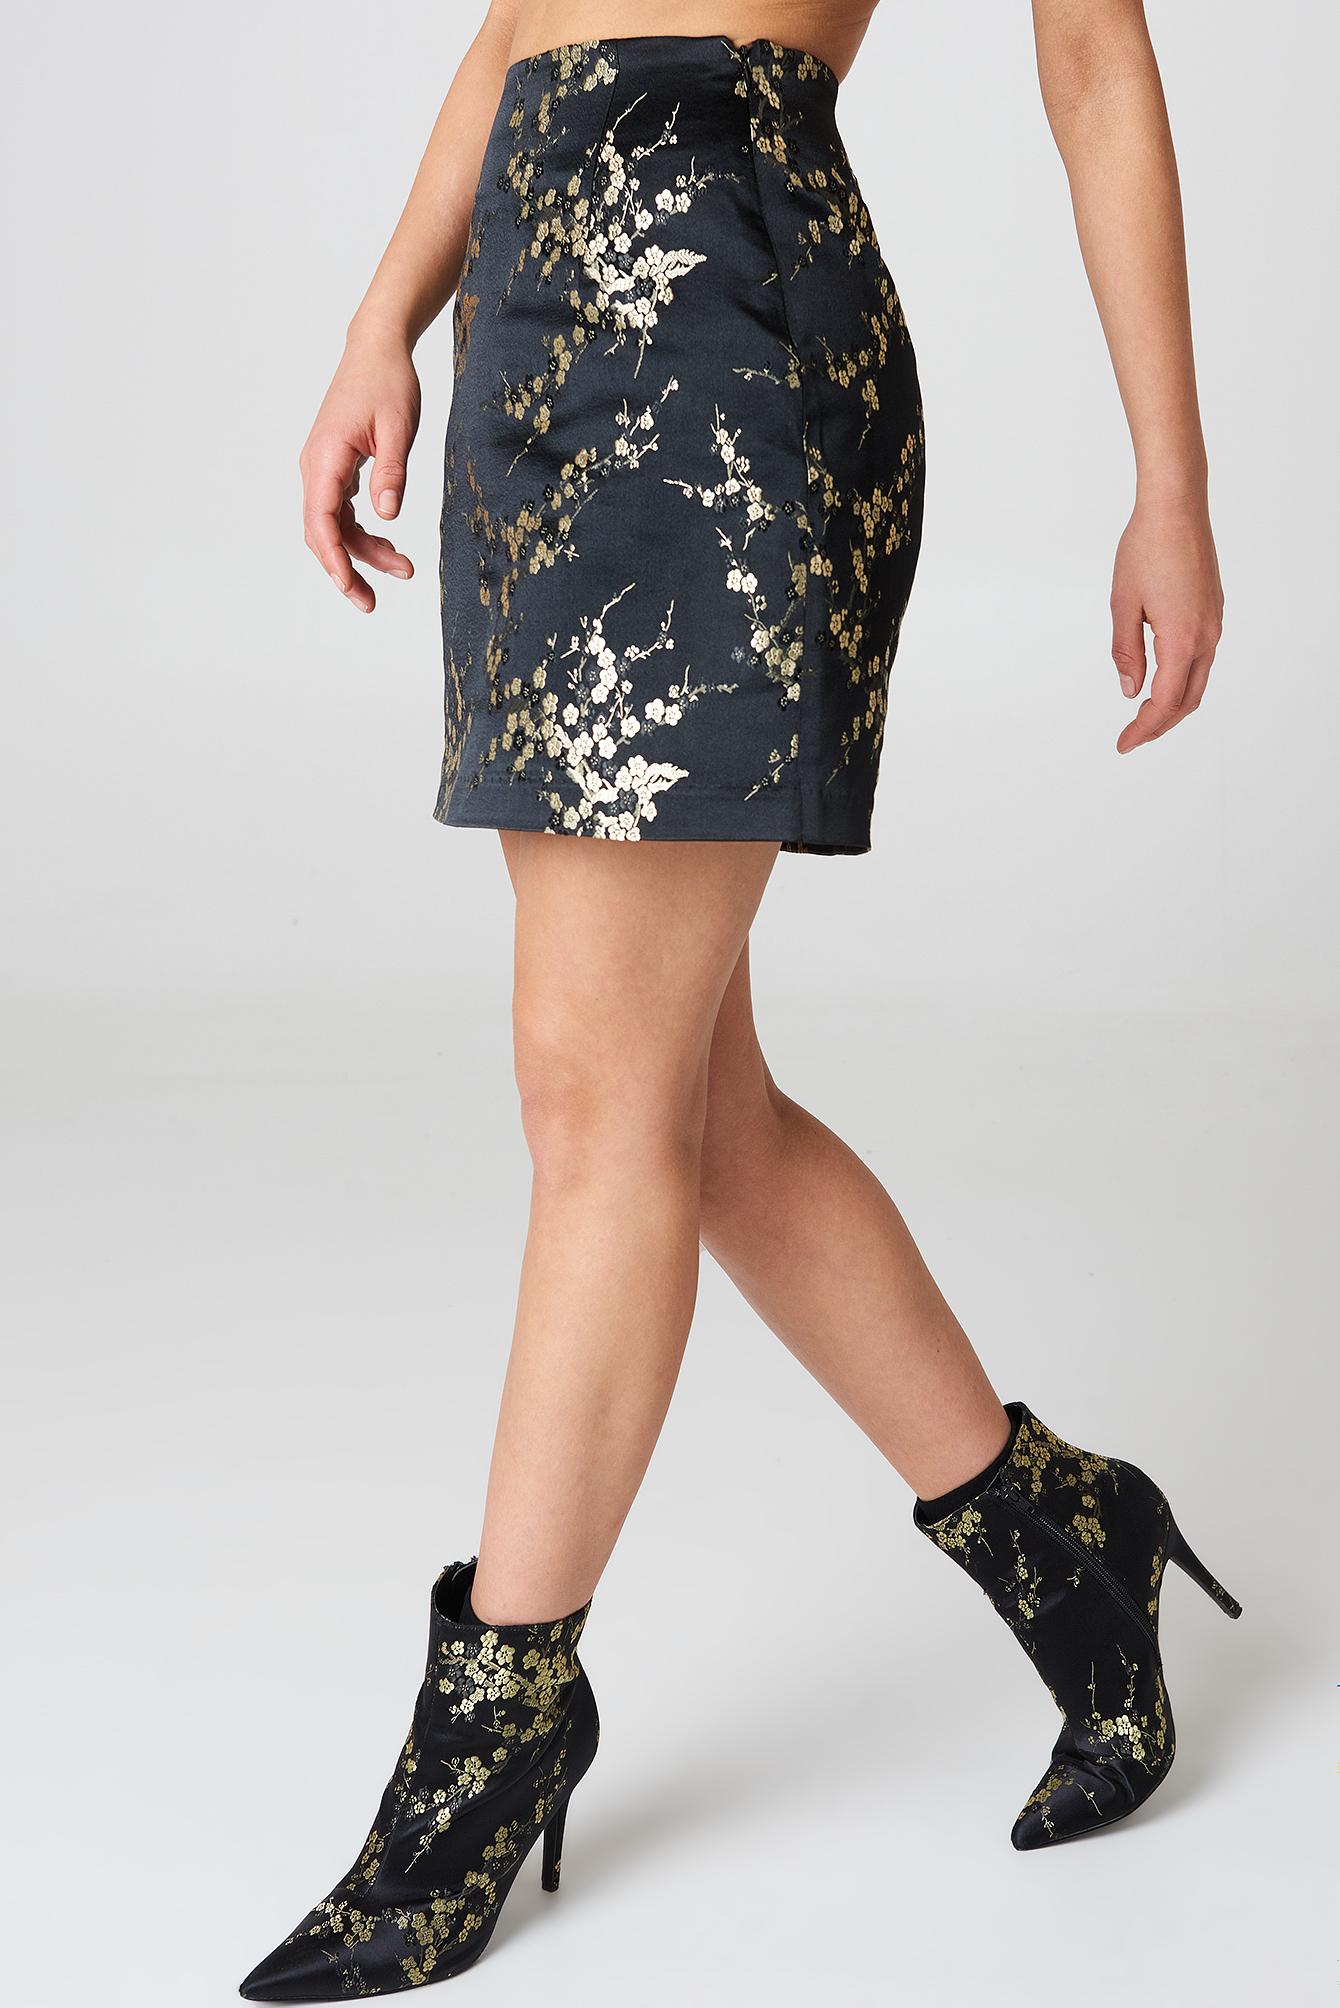 Flower Patterned Mini Skirt NA-KD.COM